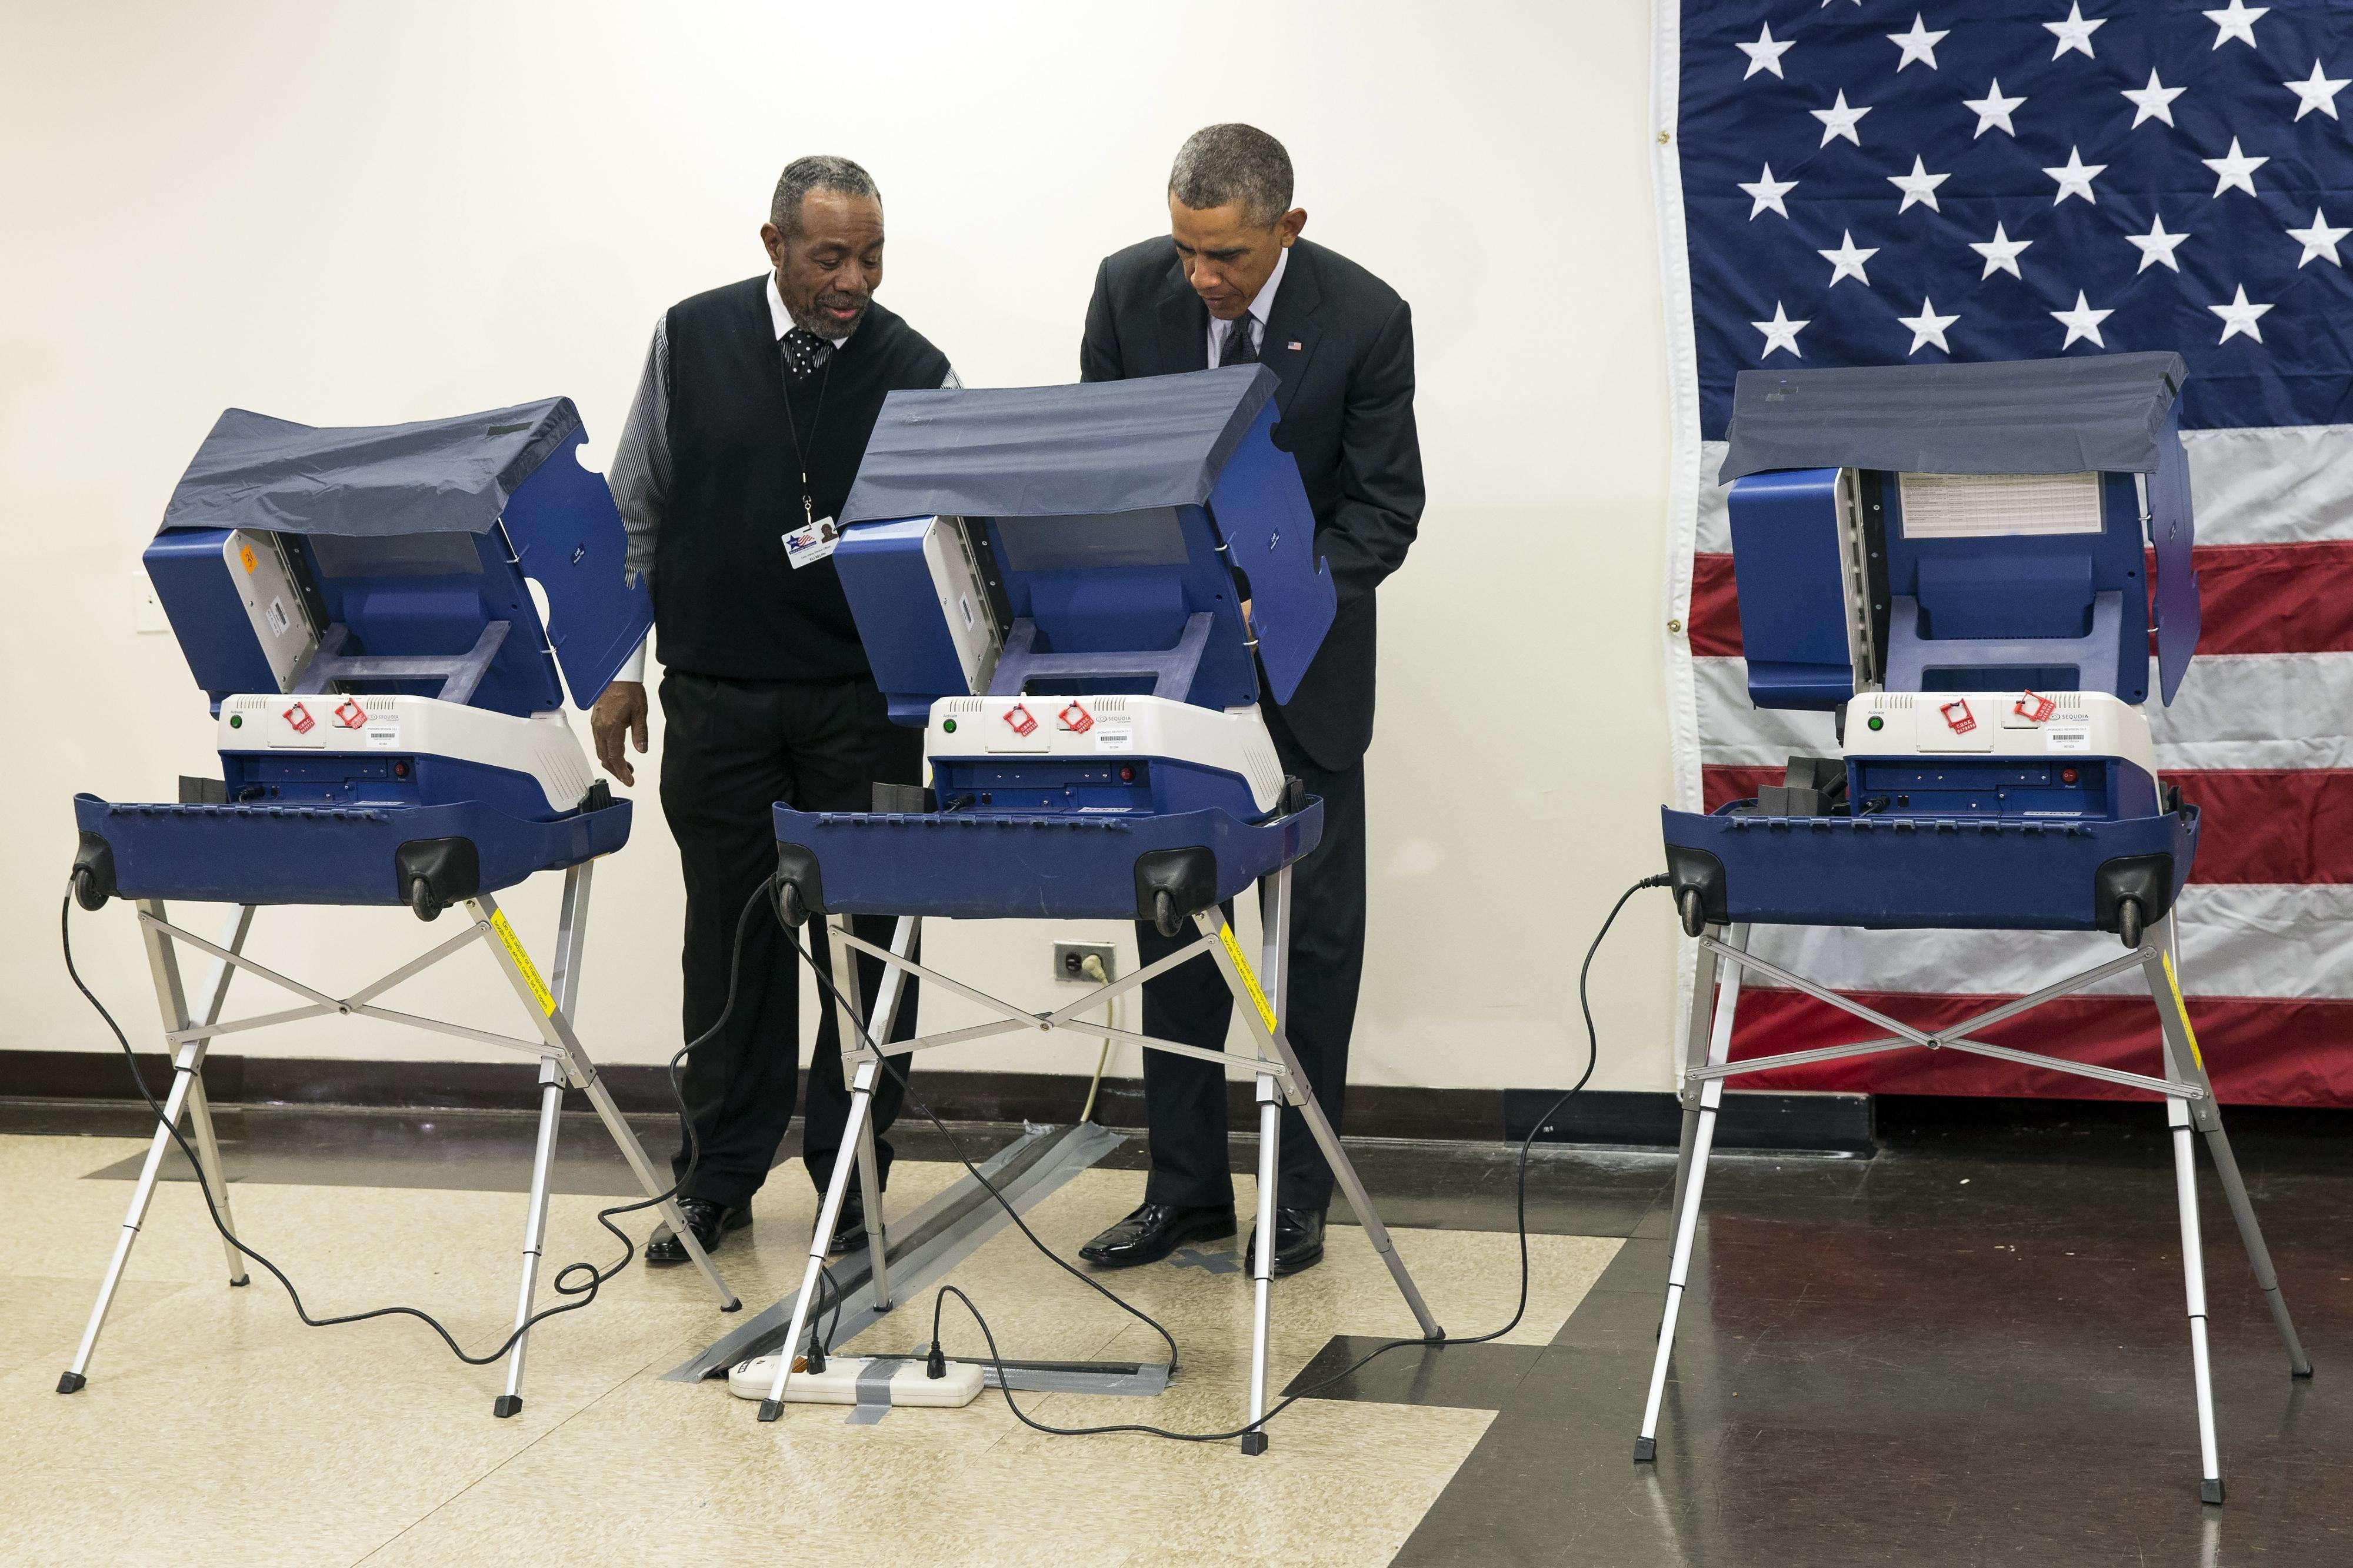 Presidente Barack Obama, izquierda, vota anticipadamente en las elecciones al Congreso de 2014 en el Centro Comunitario Dr. Martin Luther King, lunes 20 de octubre de 2014 Foto: AP en español